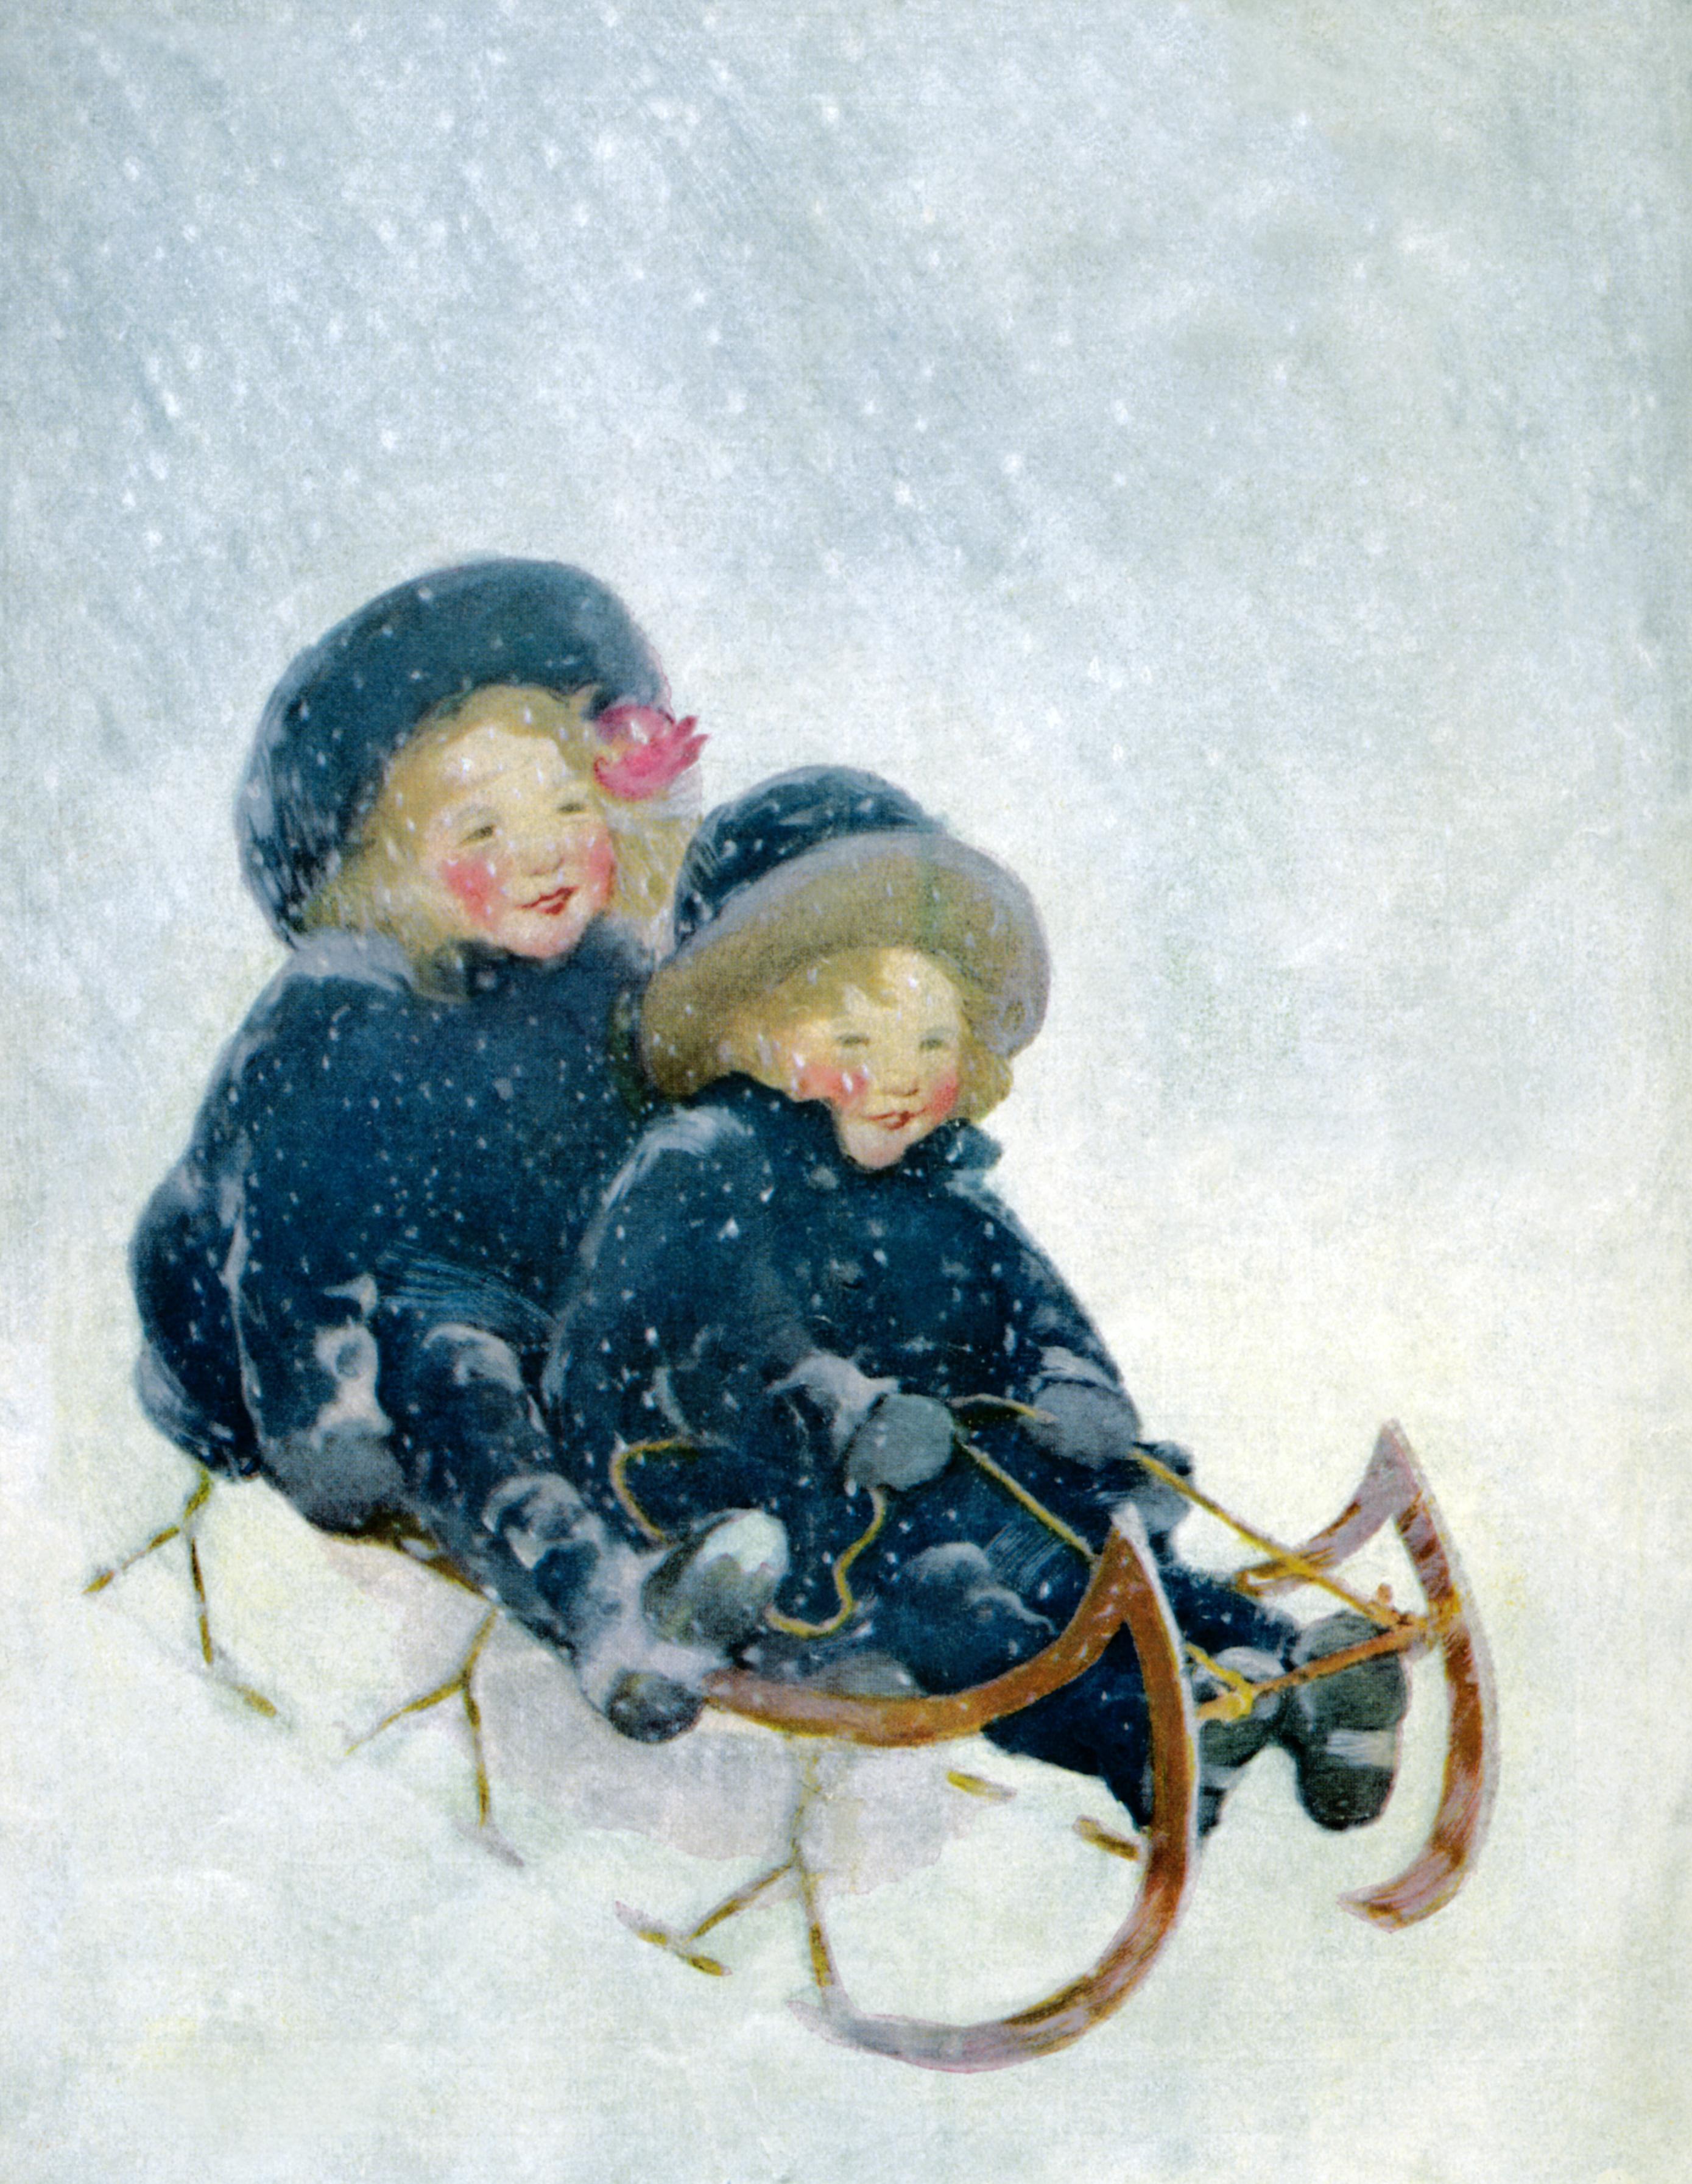 старинные открытки с детками зимой столовая форма